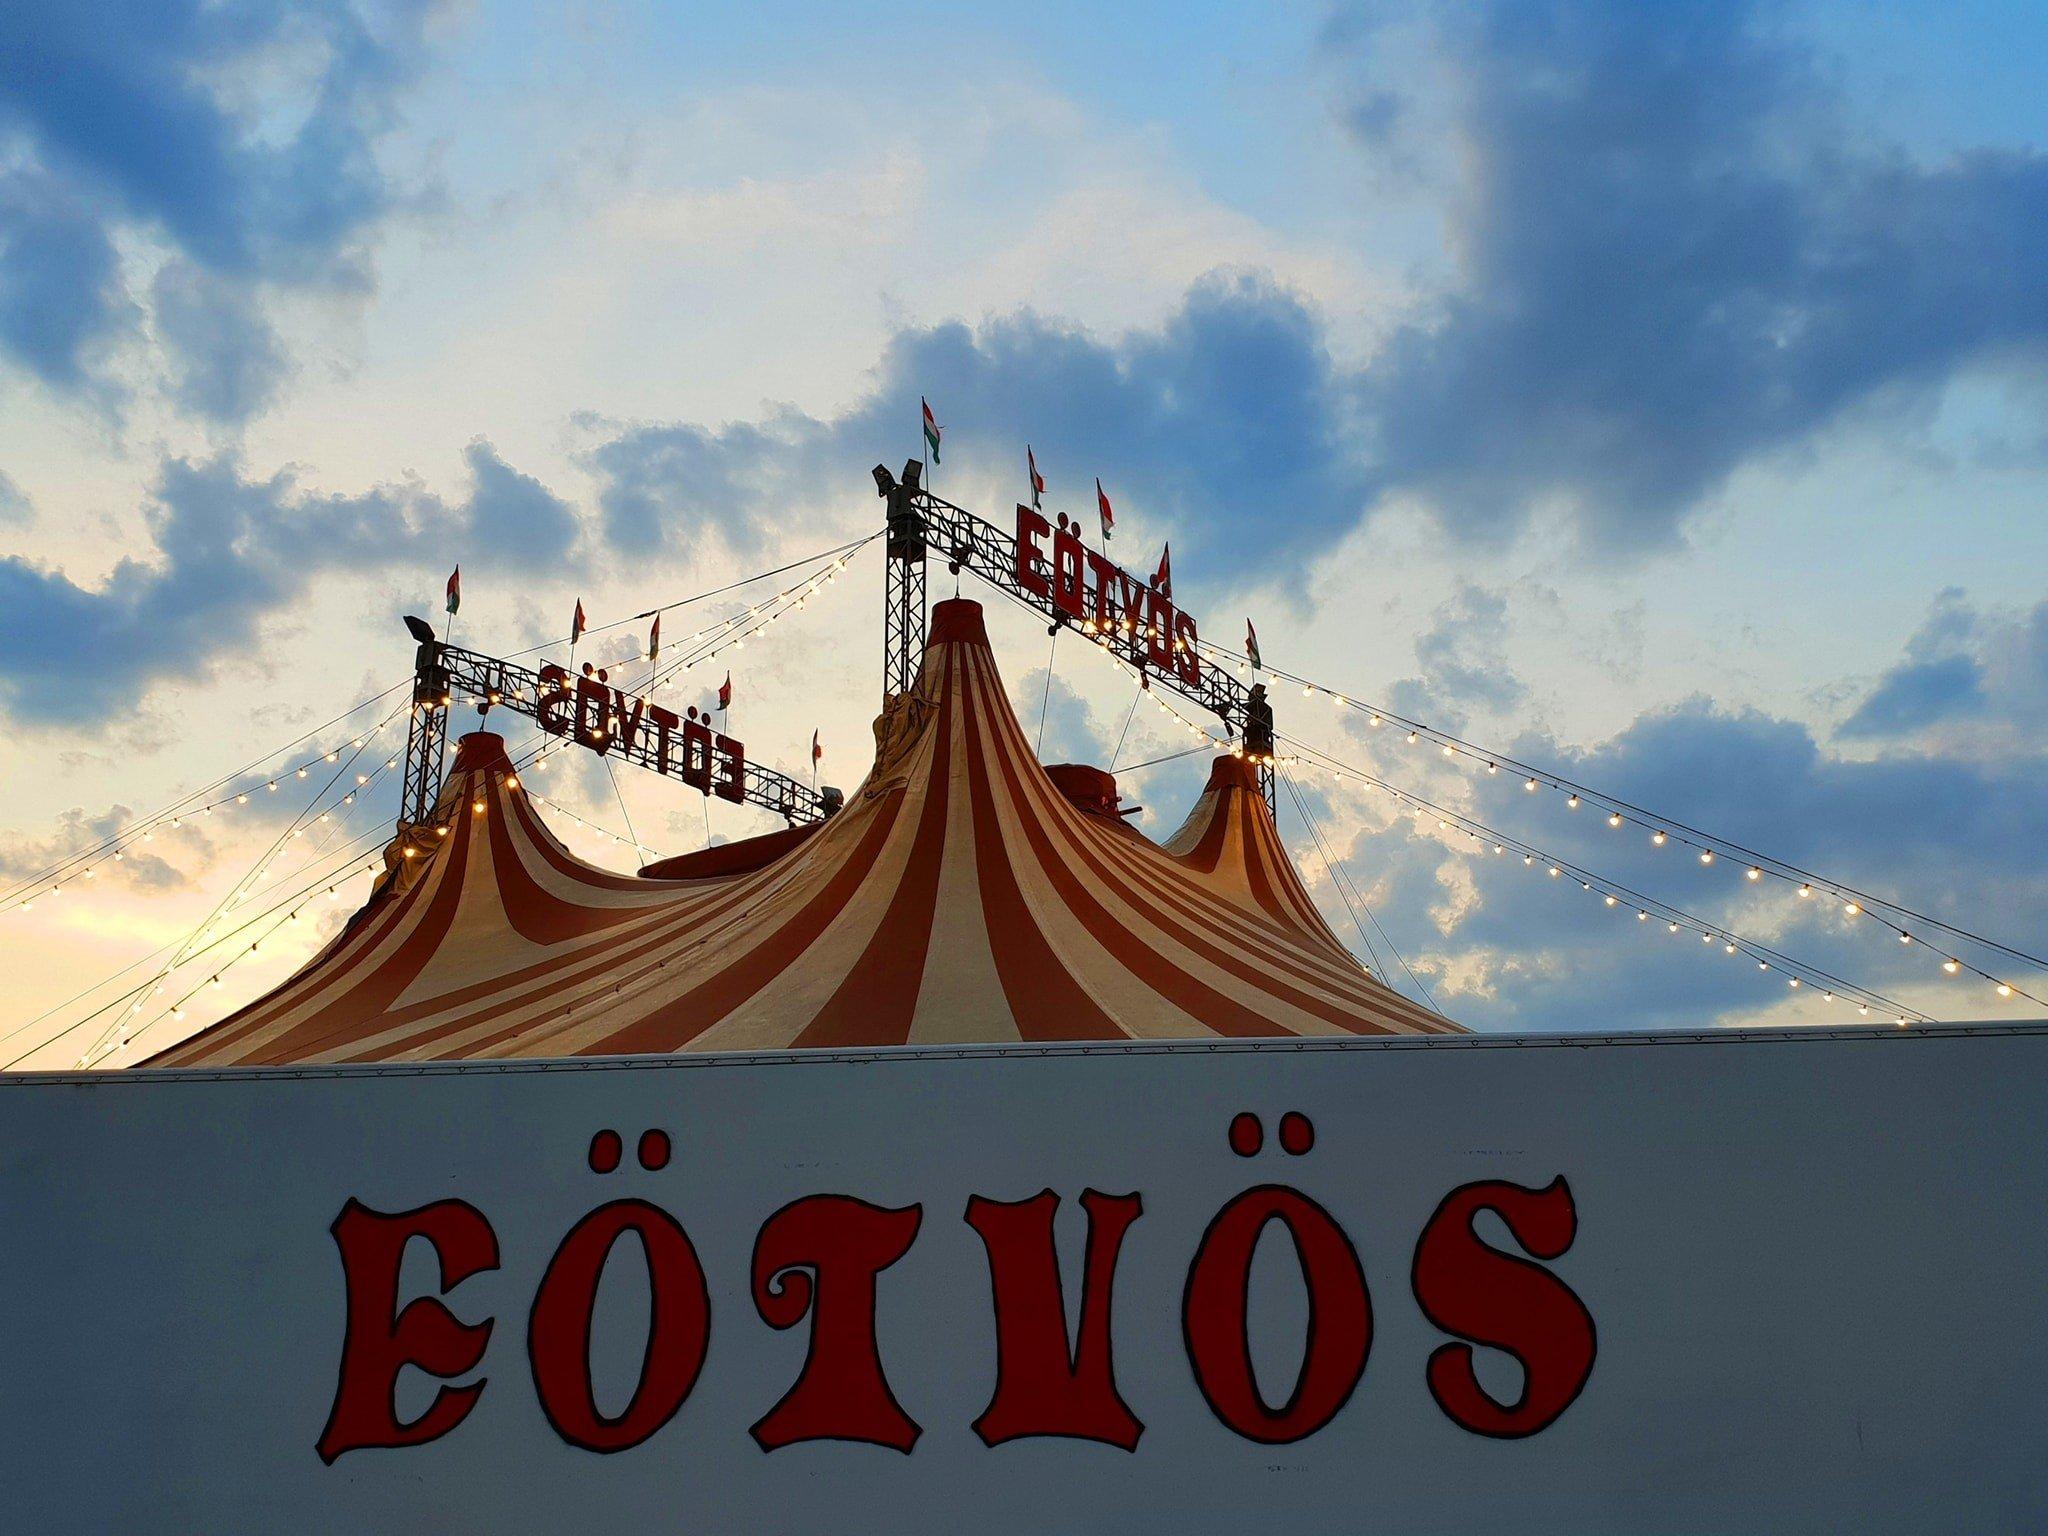 Megelevenedik az Eötvös Cirkusz varázslatos világa Pécsett